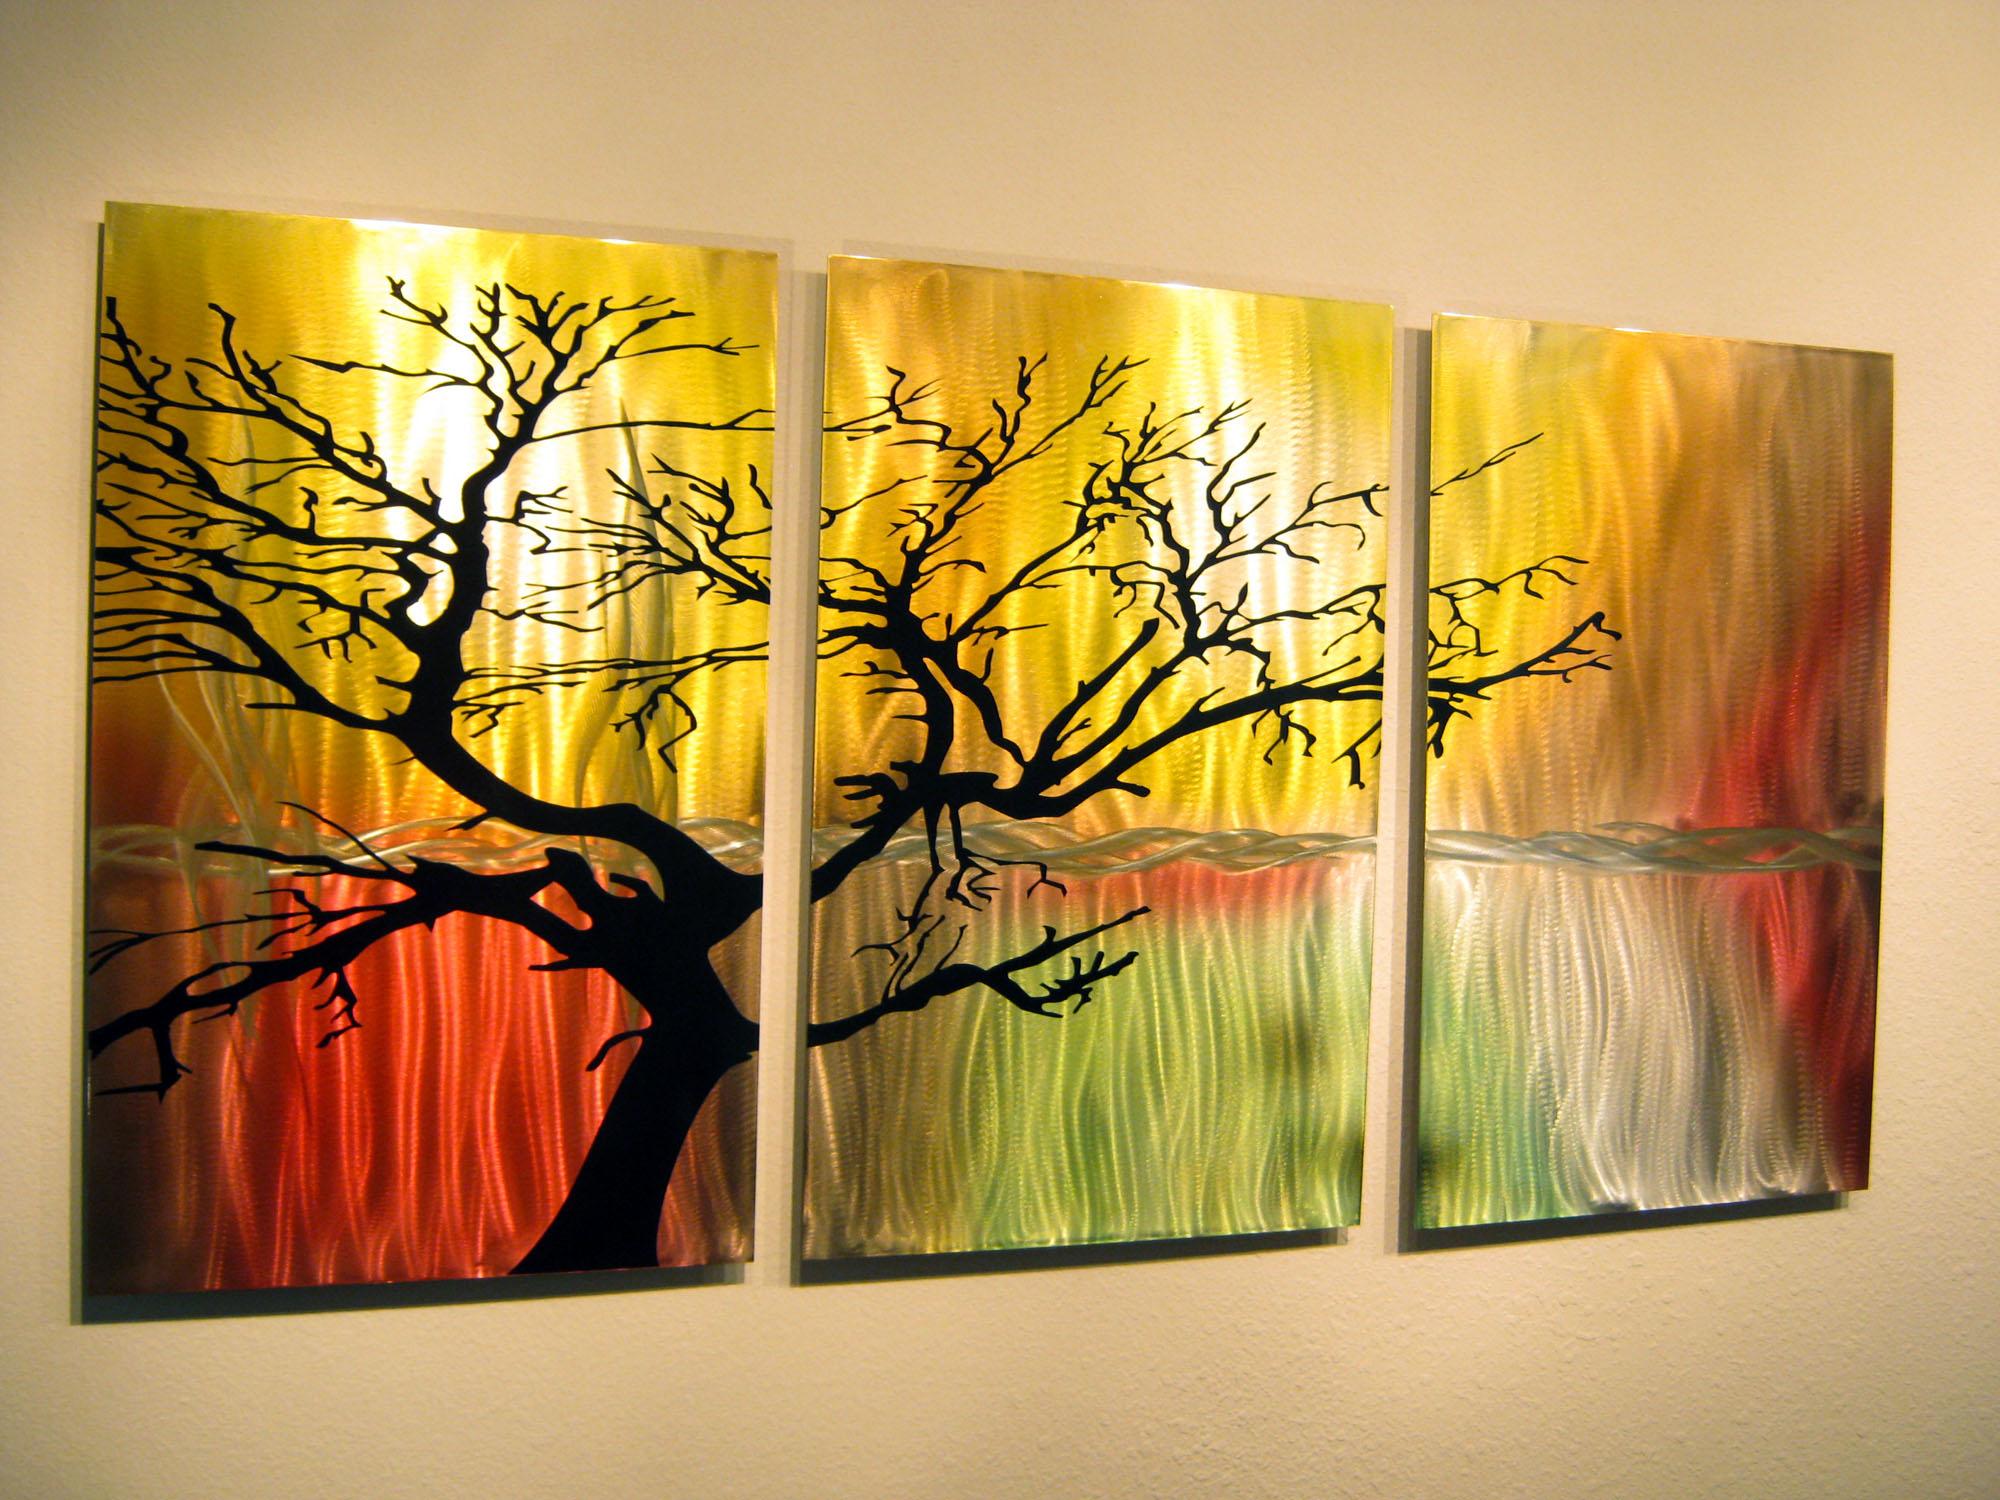 metal wall art panels Tree in Silhouette  Metal Wall Art Contemporary Modern Decor  3  metal wall art panels